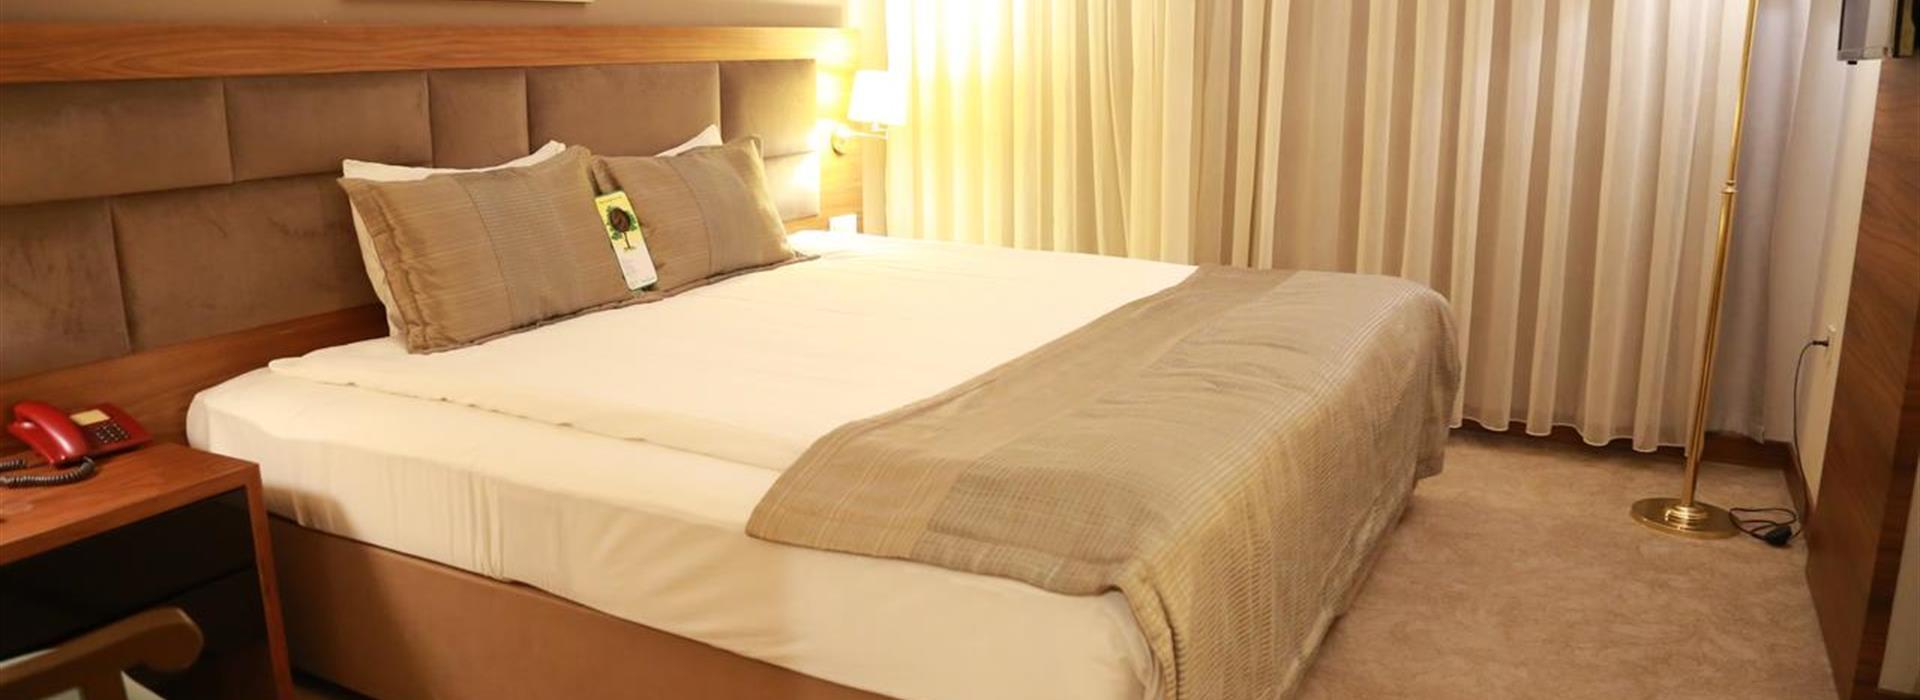 Bera-Hotel